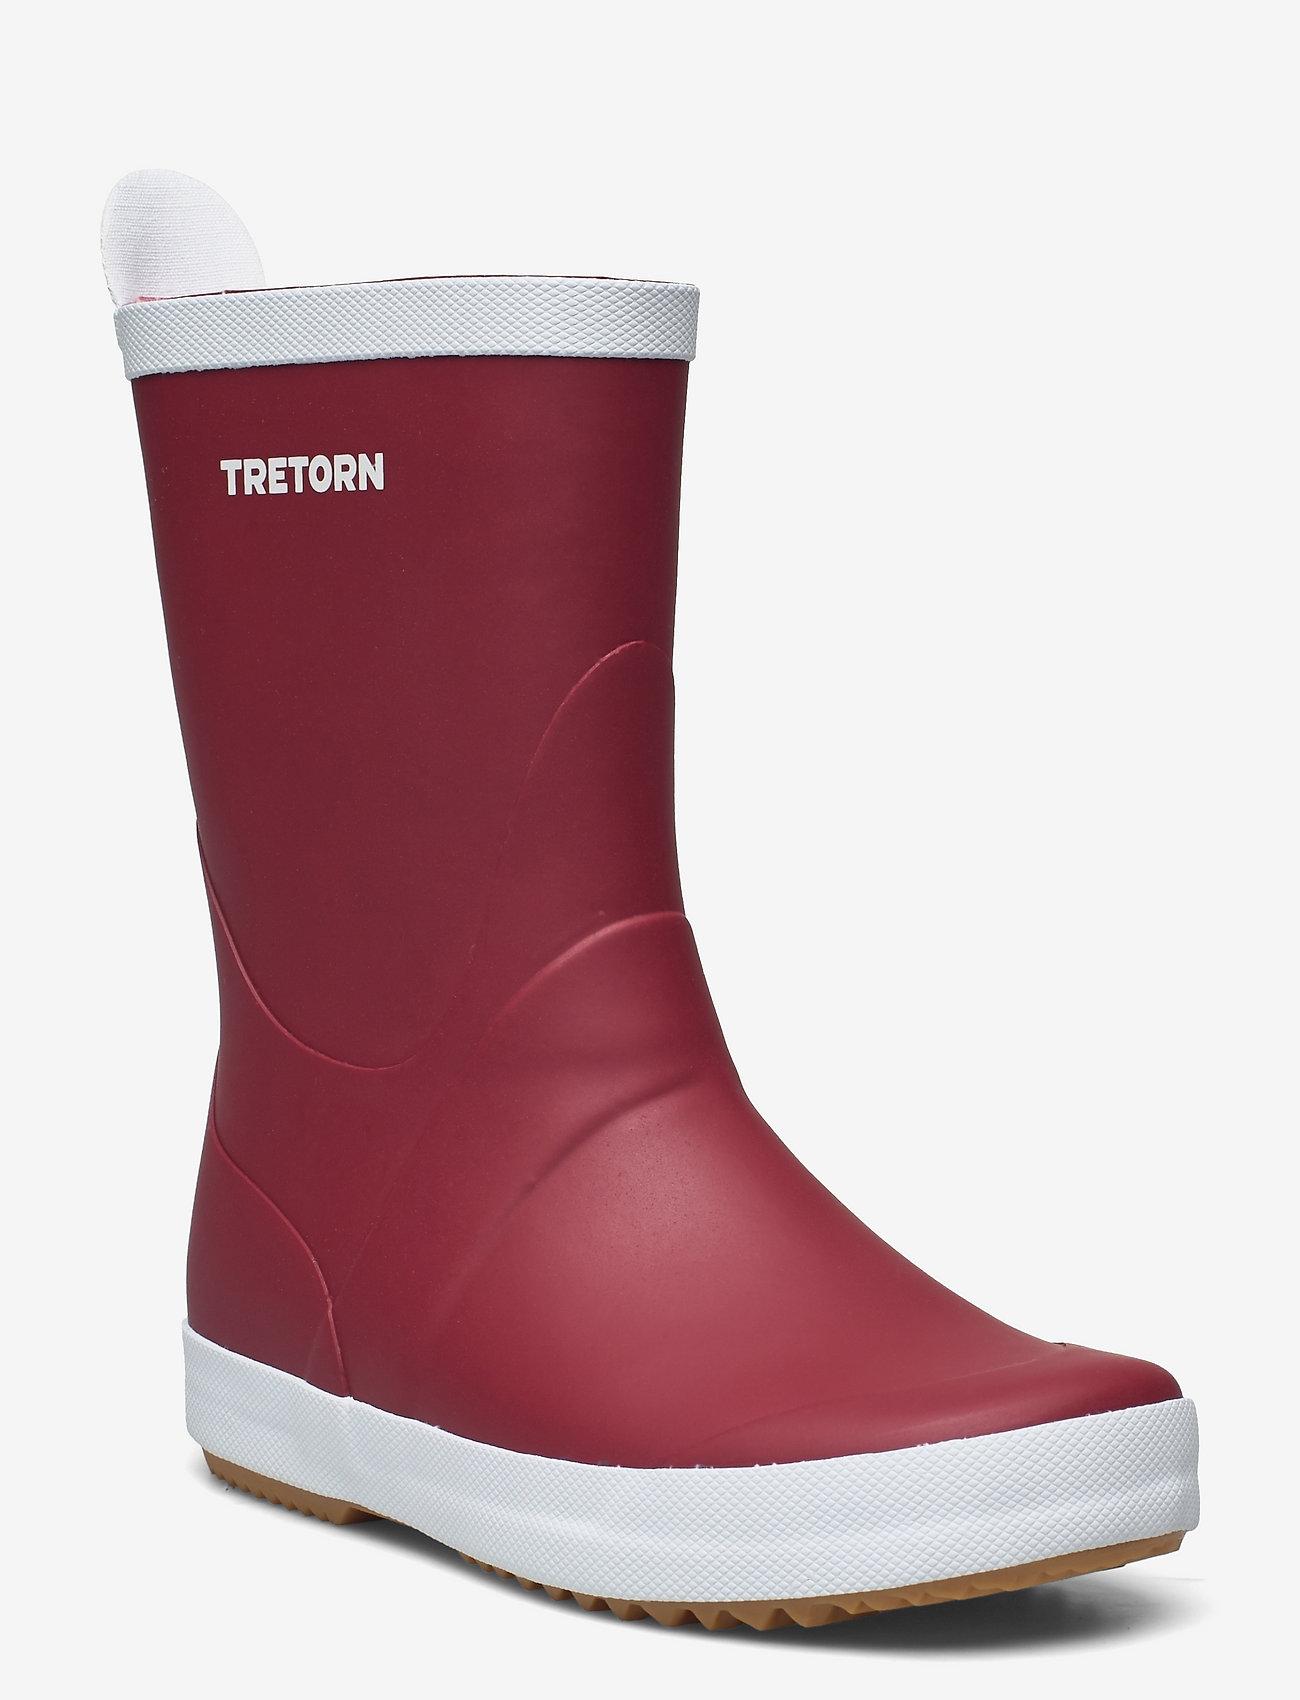 Tretorn - WINGS - kozaki i trzewiki - 051/autumn red - 0